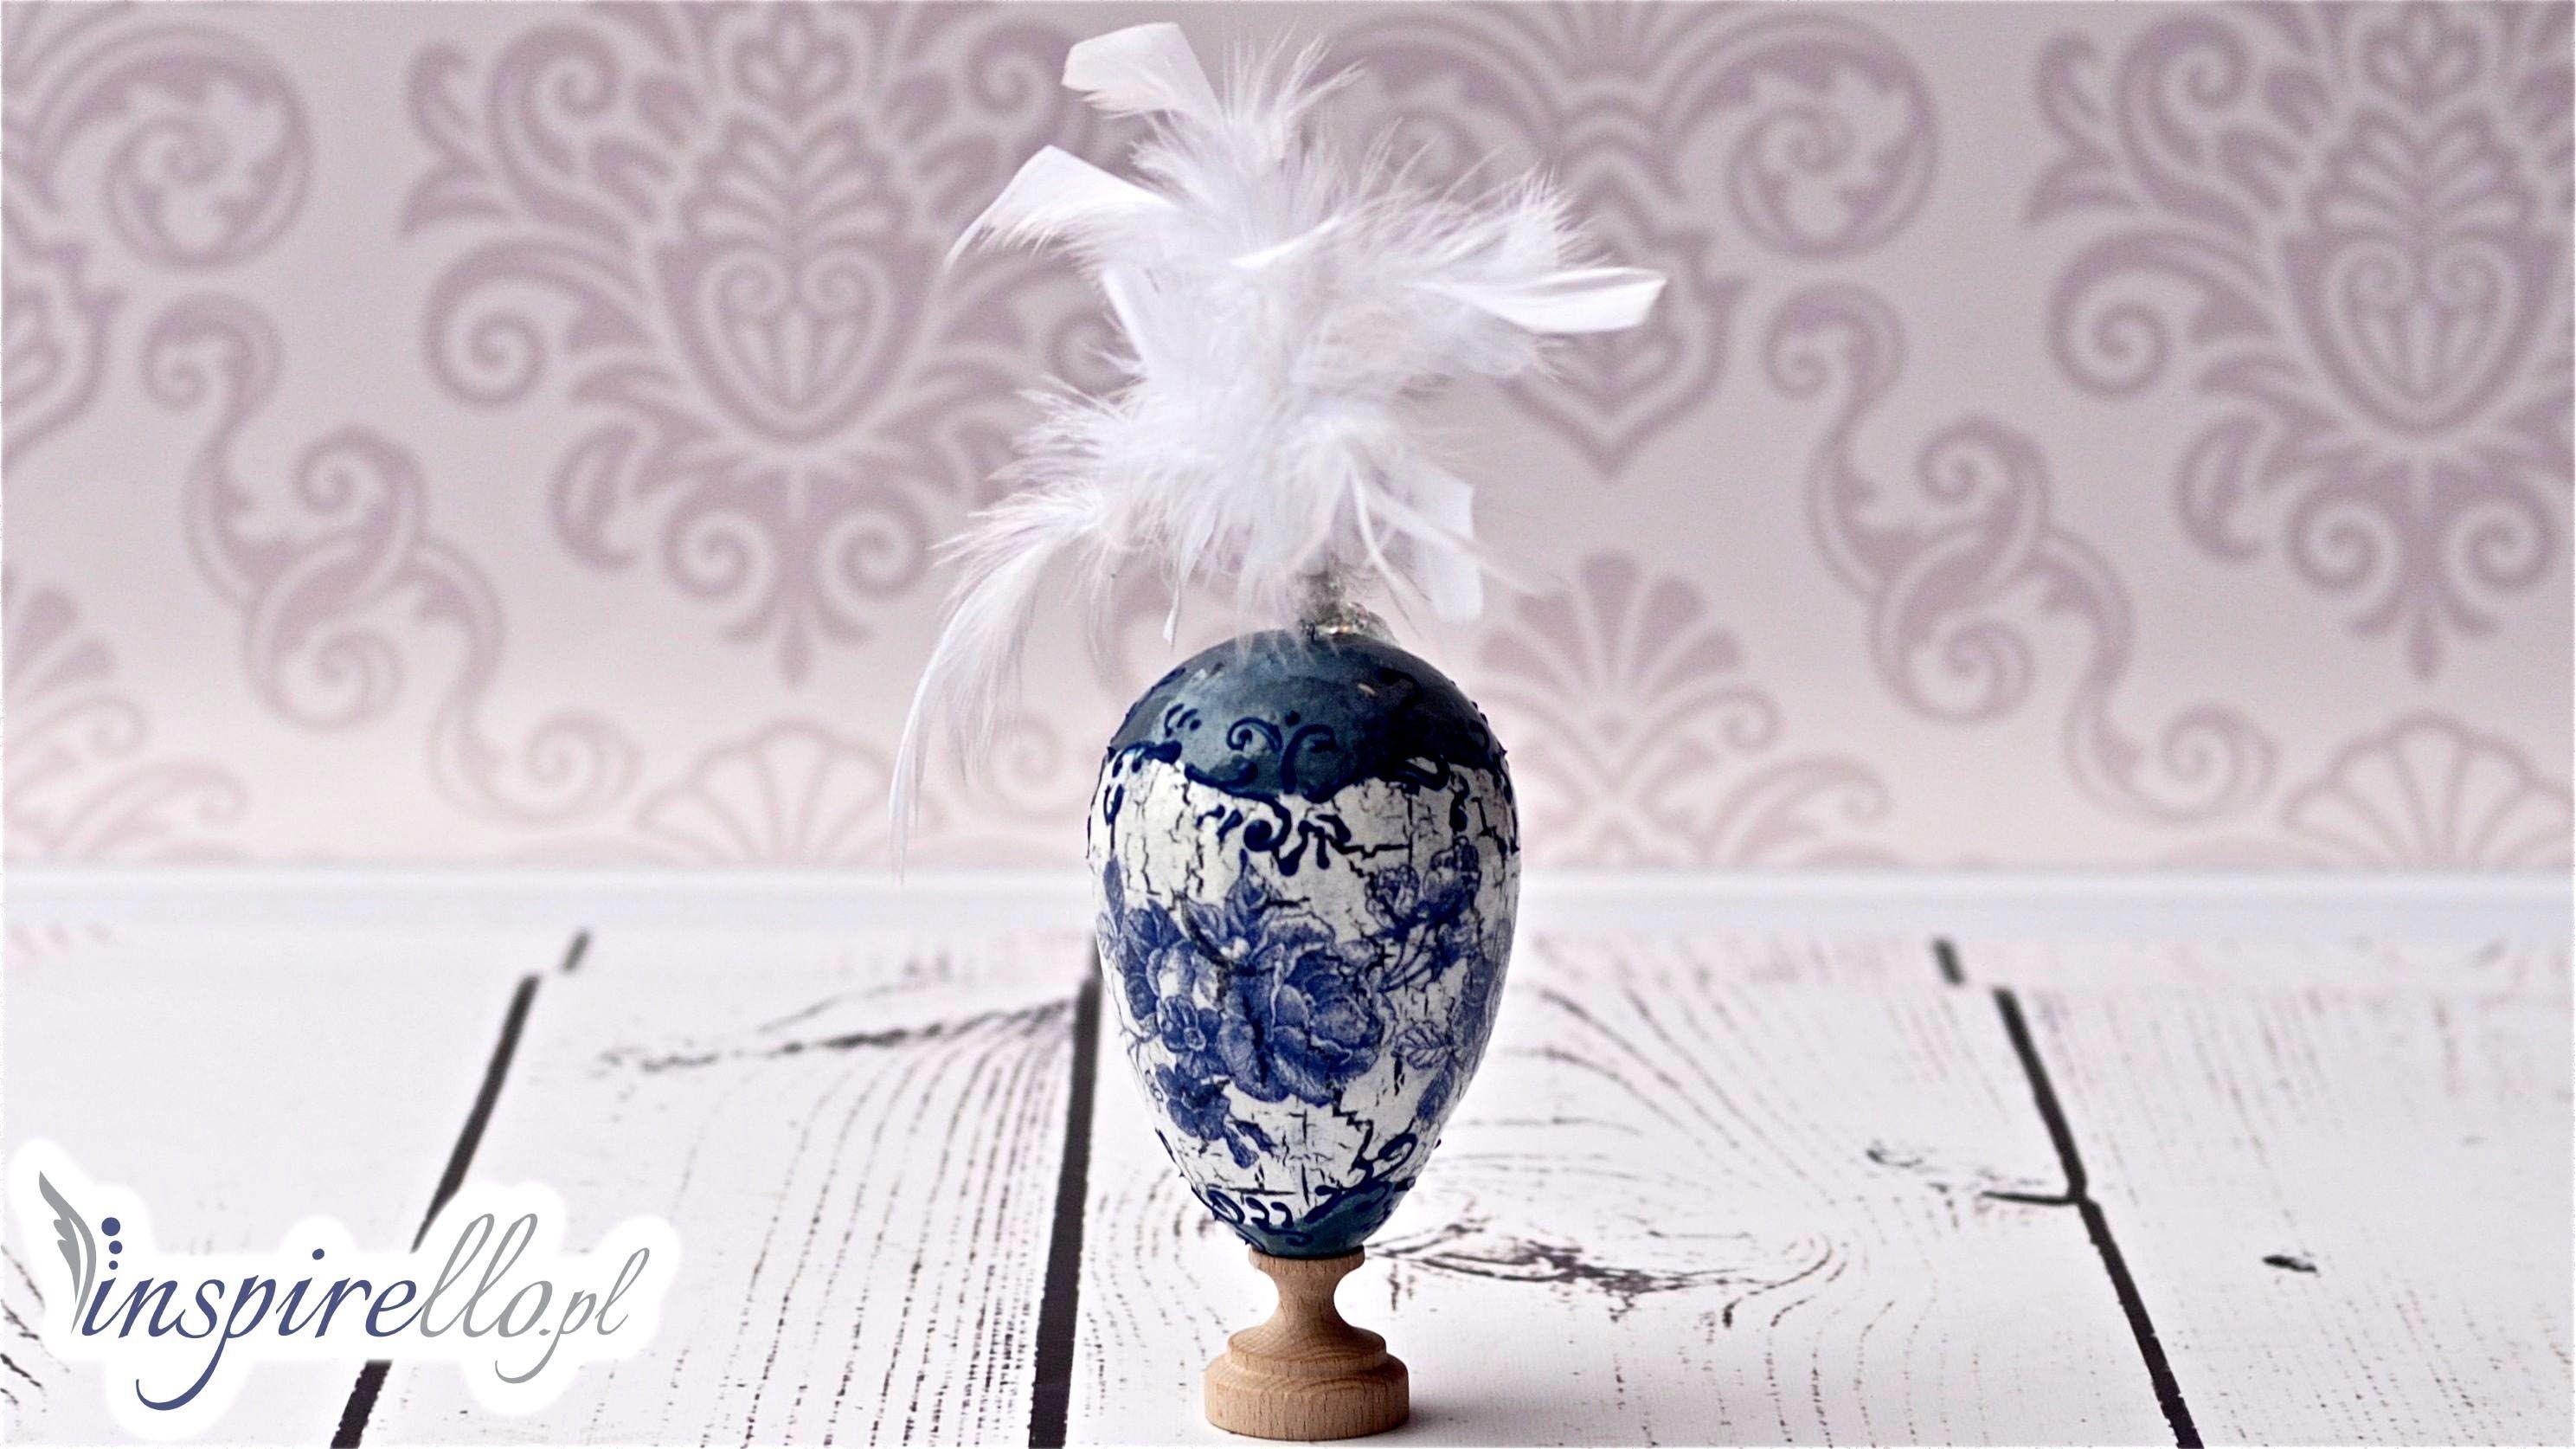 Film Pokazujacy Jak W Metodzie Decoupage Zrobic Pisanke Decoupage Zastosowano Technike Serwetkowa Spekacz Jednos Decoupage Tutorial Easter Eggs Diy Decoupage